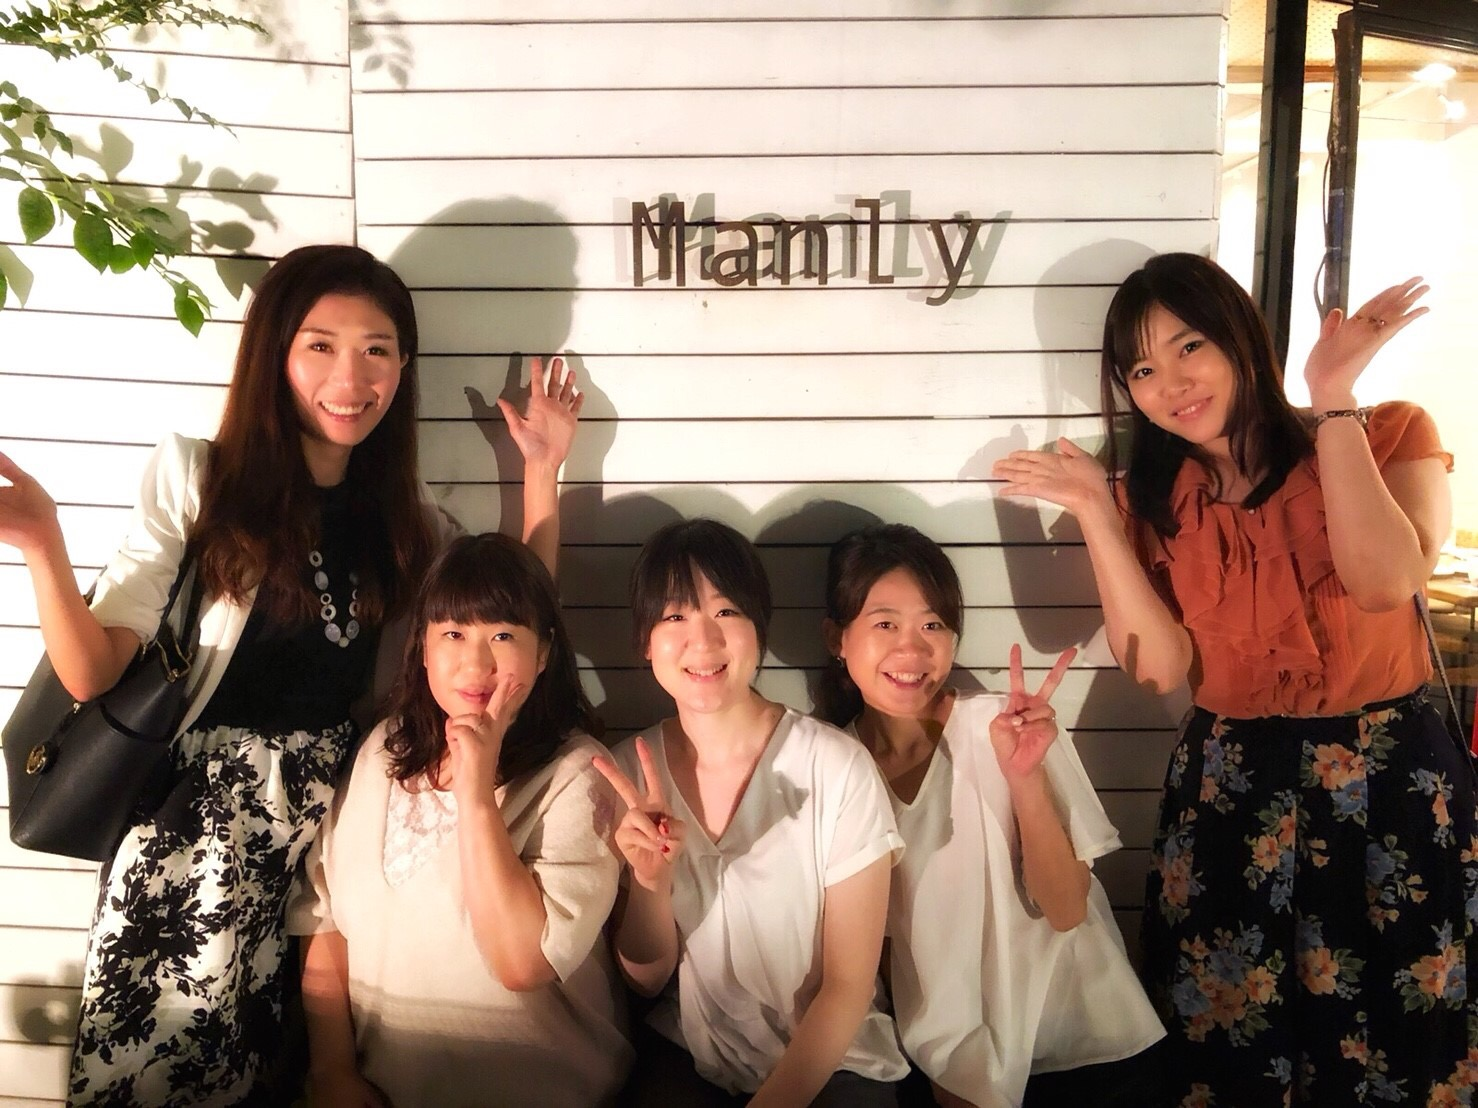 第11回グルメ部「Manly(マンリー)」